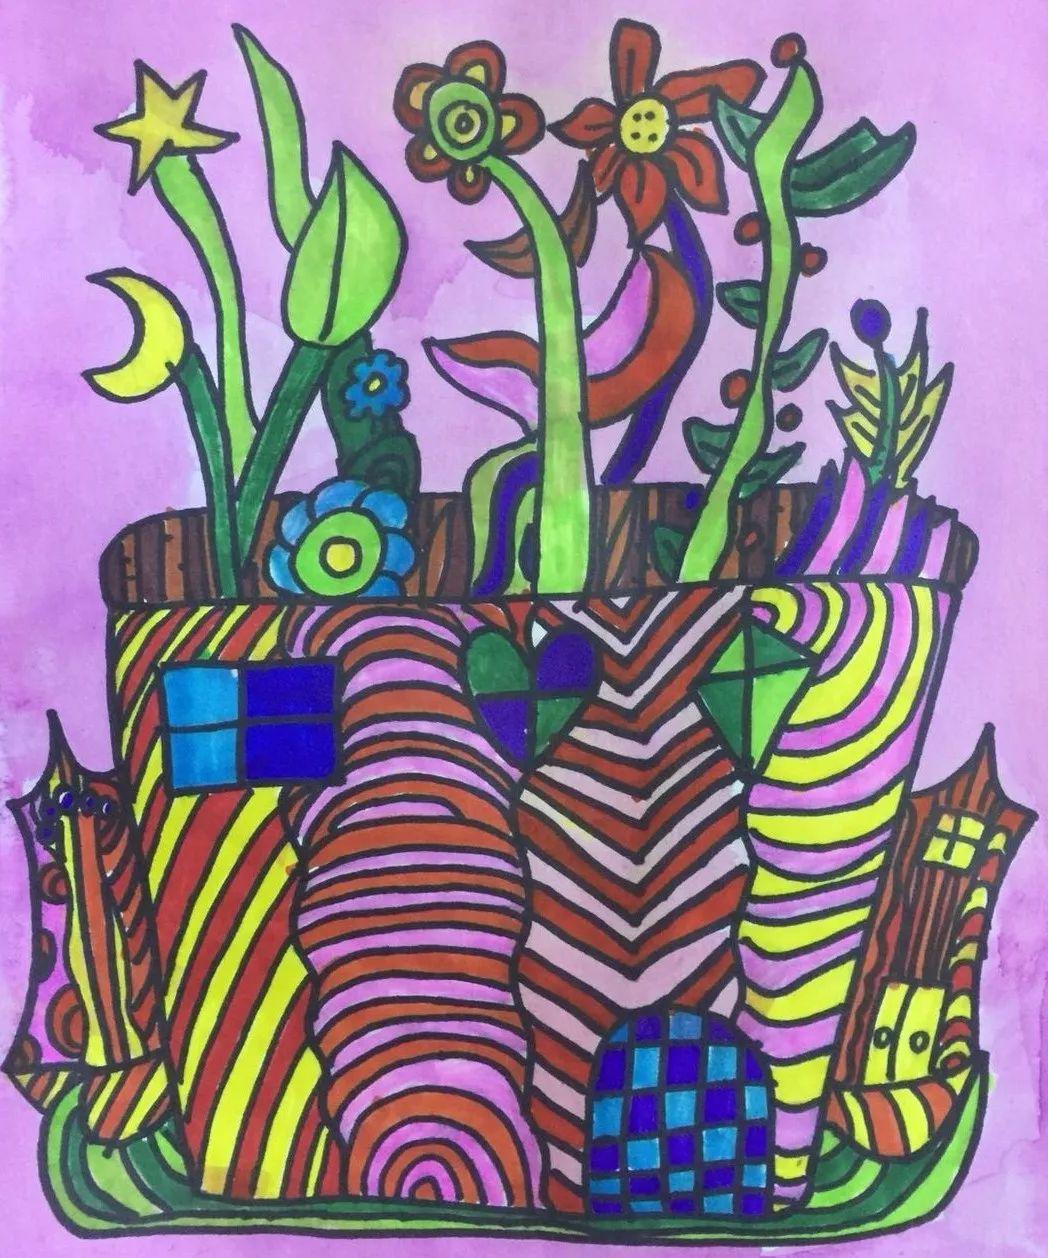 8岁小女孩学画画2年,变身小小美术老师,连不少大人都对她甘拜下风 妈妈是怎么培养的呢